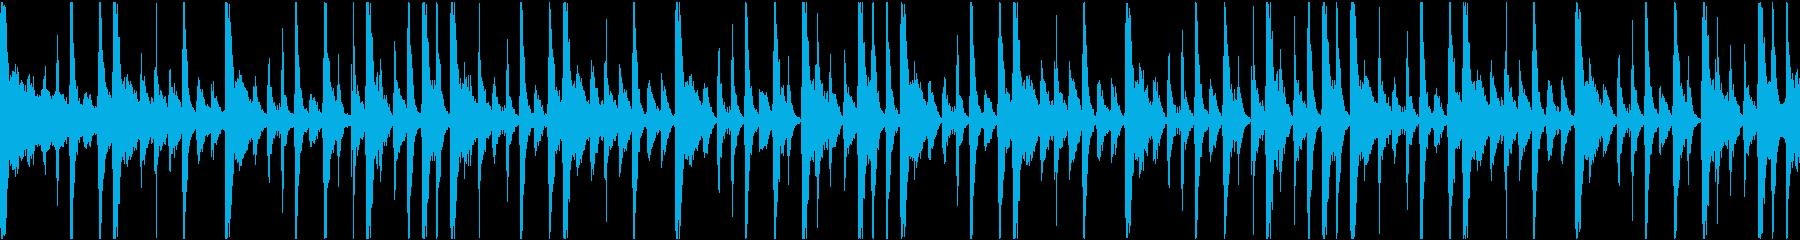 クールで知的なブレイクビーツBGMの再生済みの波形